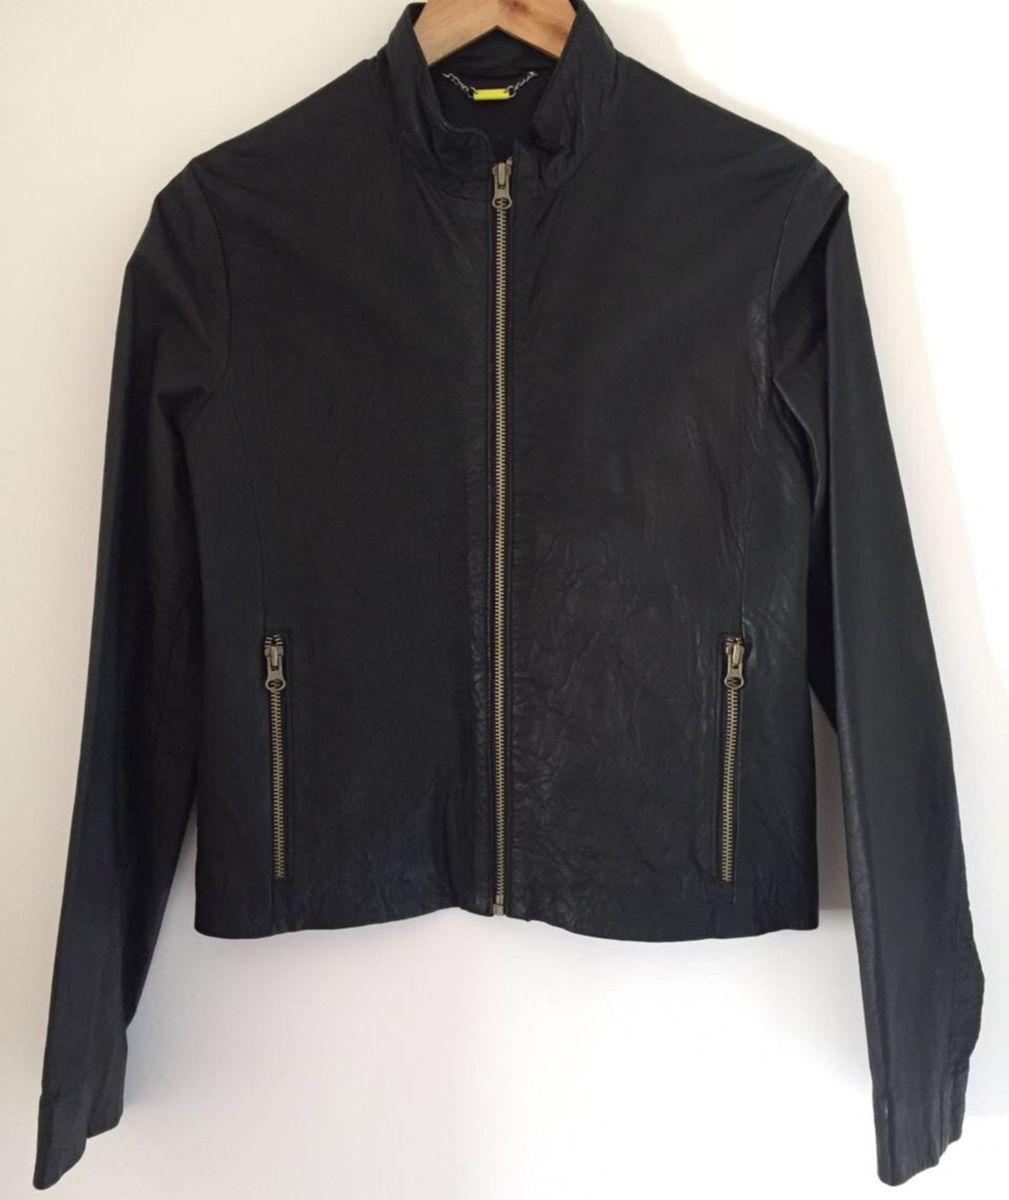 f7ec117c8 jaqueta preta de couro legítimo, marca doma, argentina, tamanho 40. nunca  usada